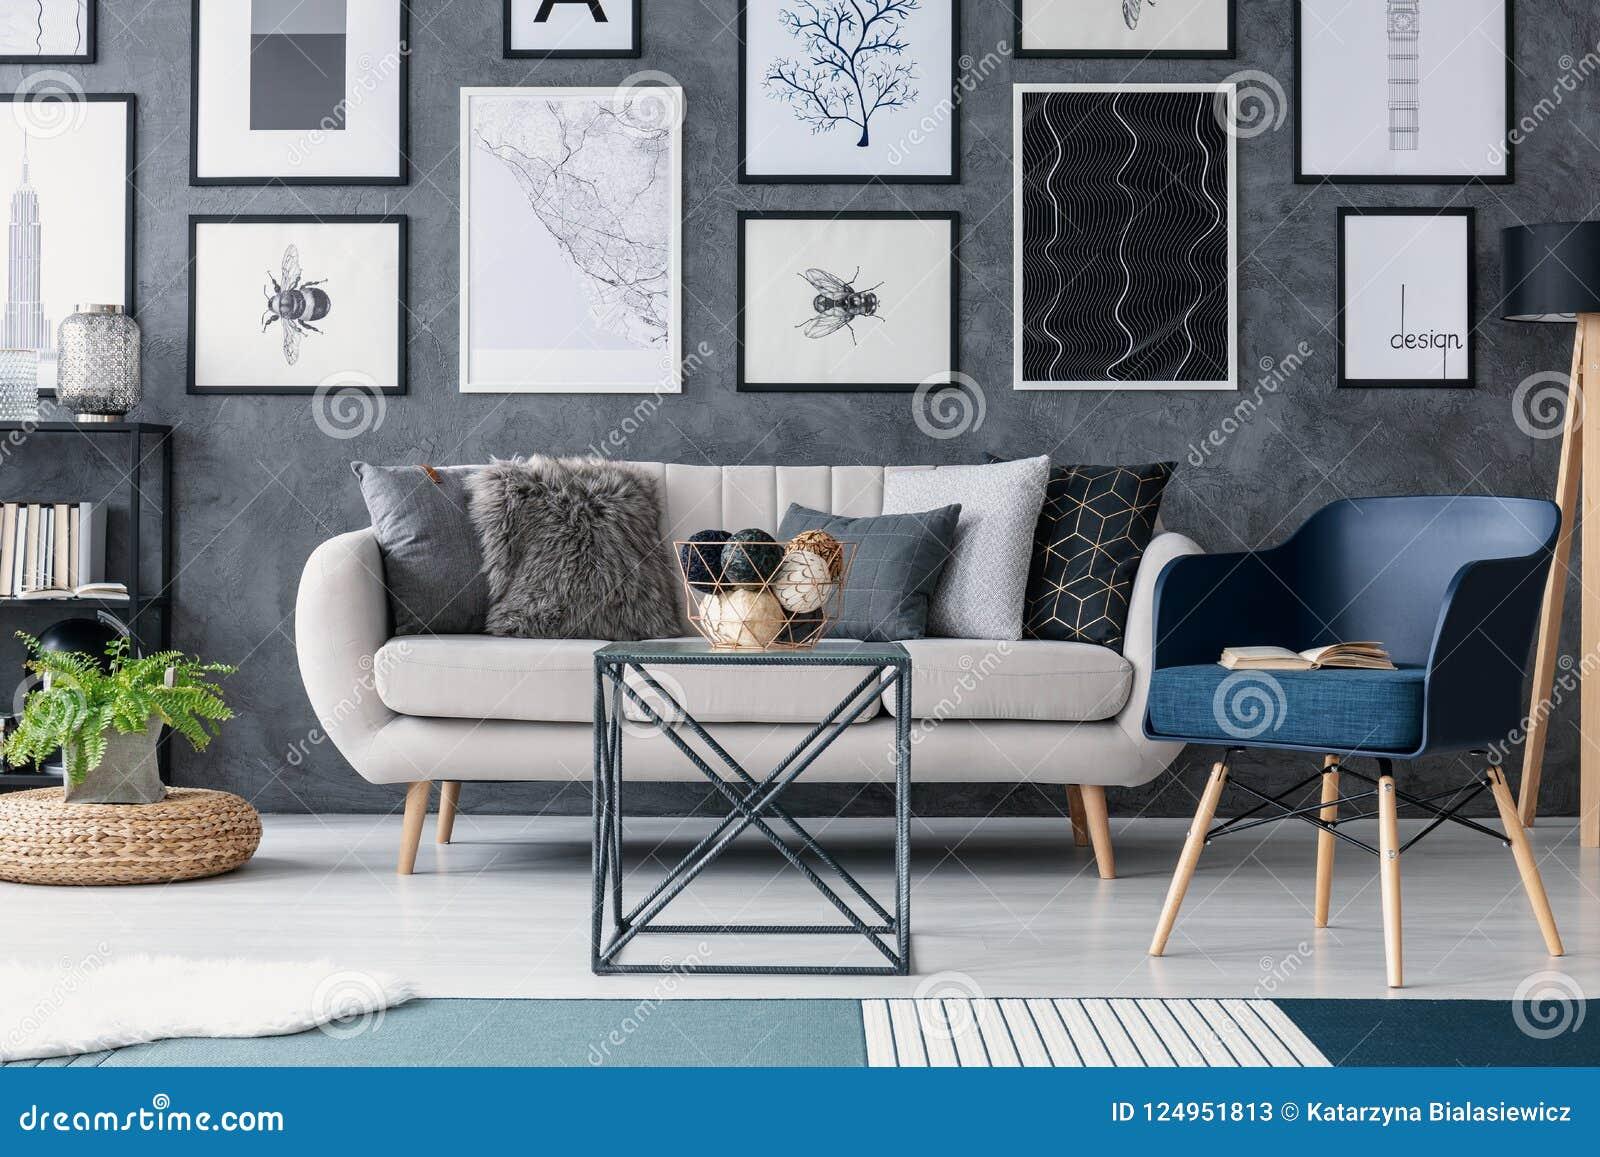 Голубое кресло рядом с софой и таблицей в интерьере живущей комнаты с плакатами и заводом на pouf Реальное фото